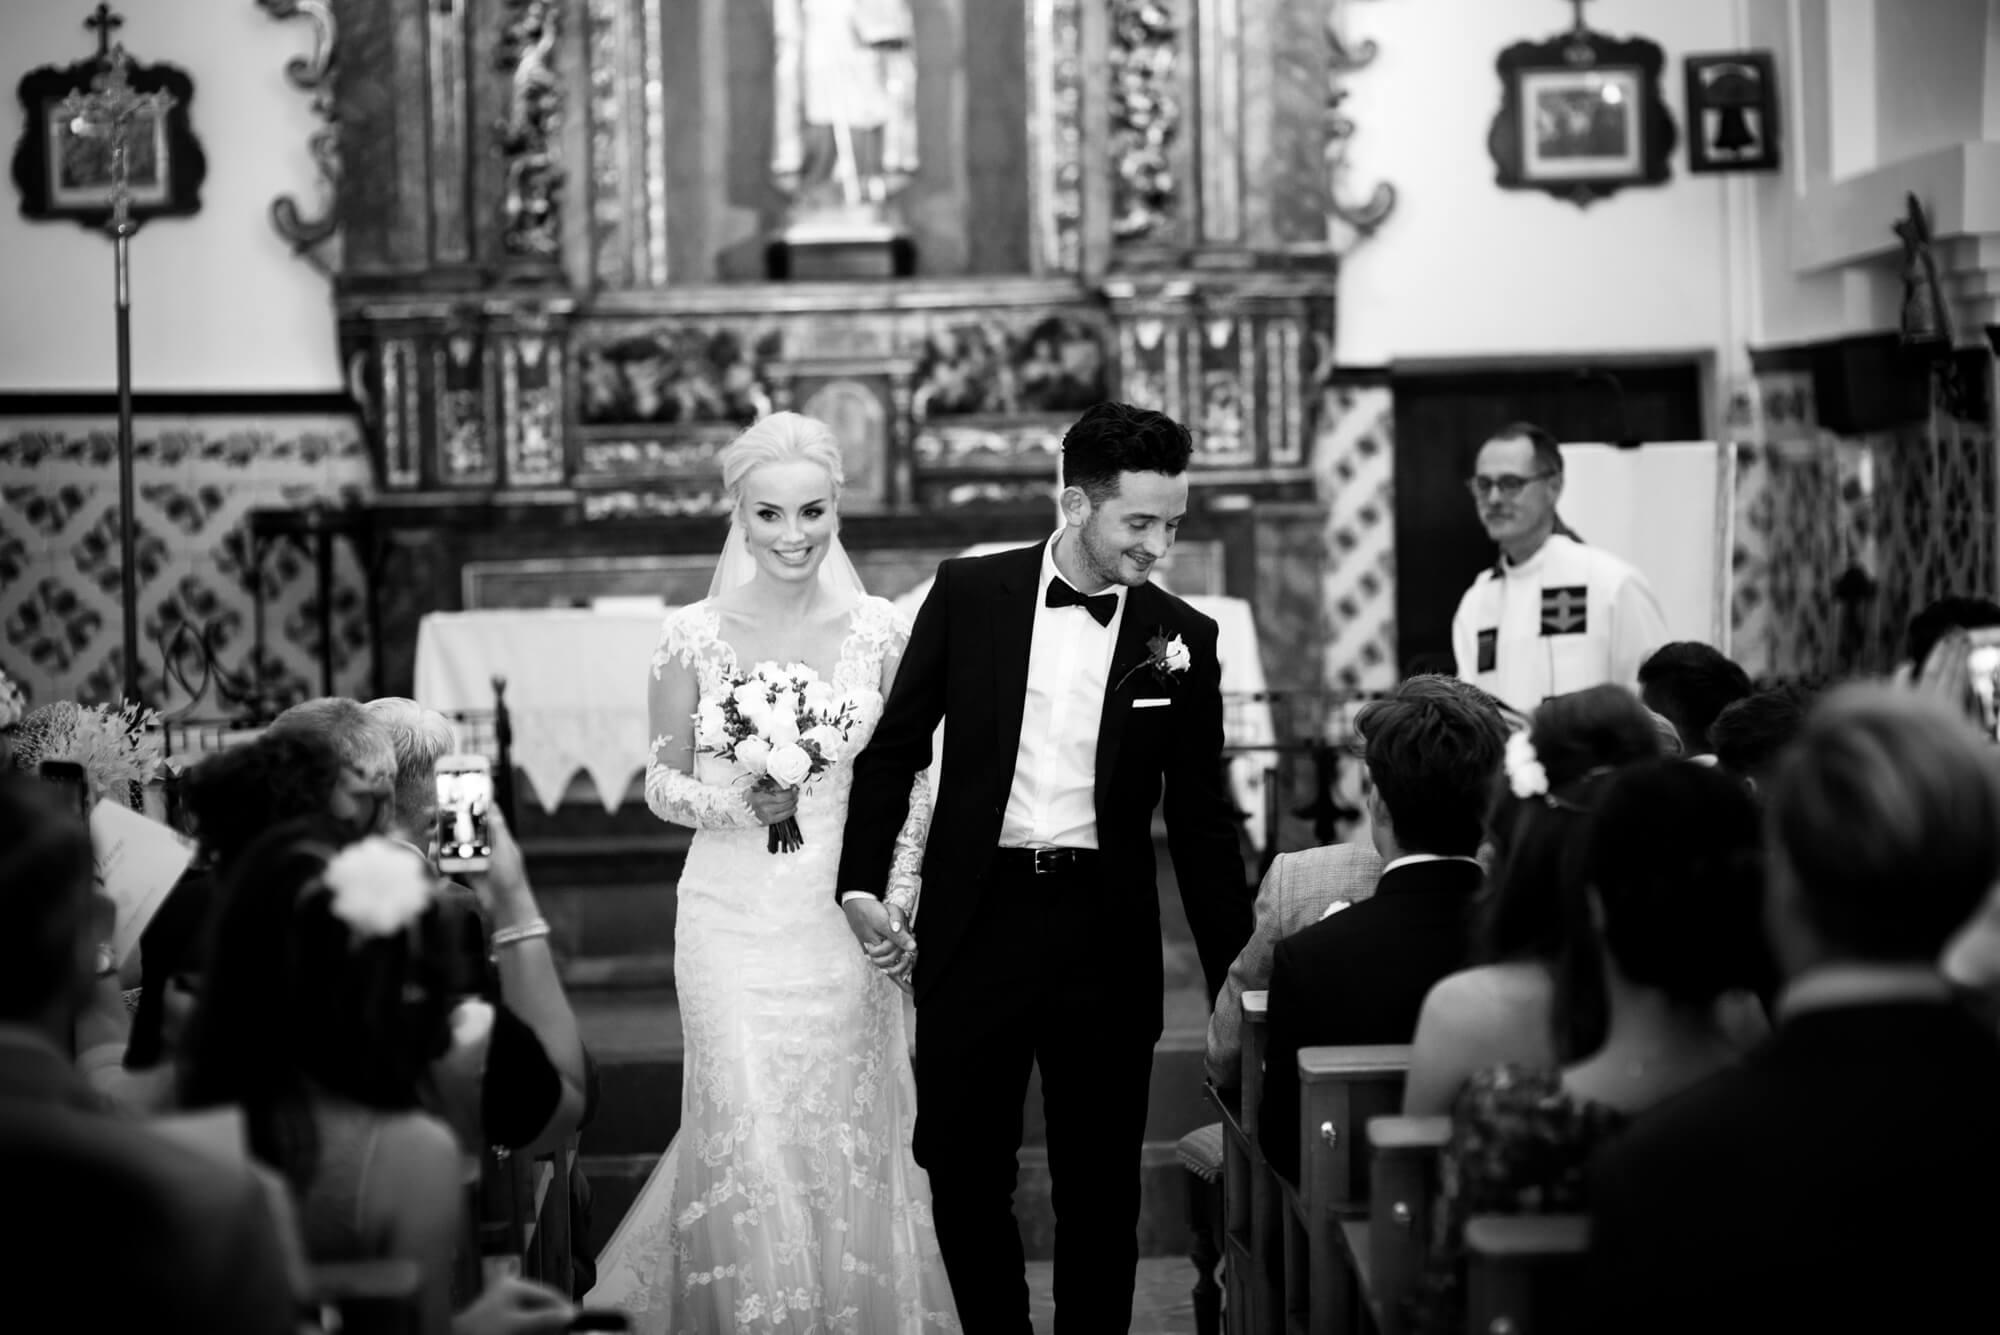 bride groom ceremony exit church wedding black tie lace dress